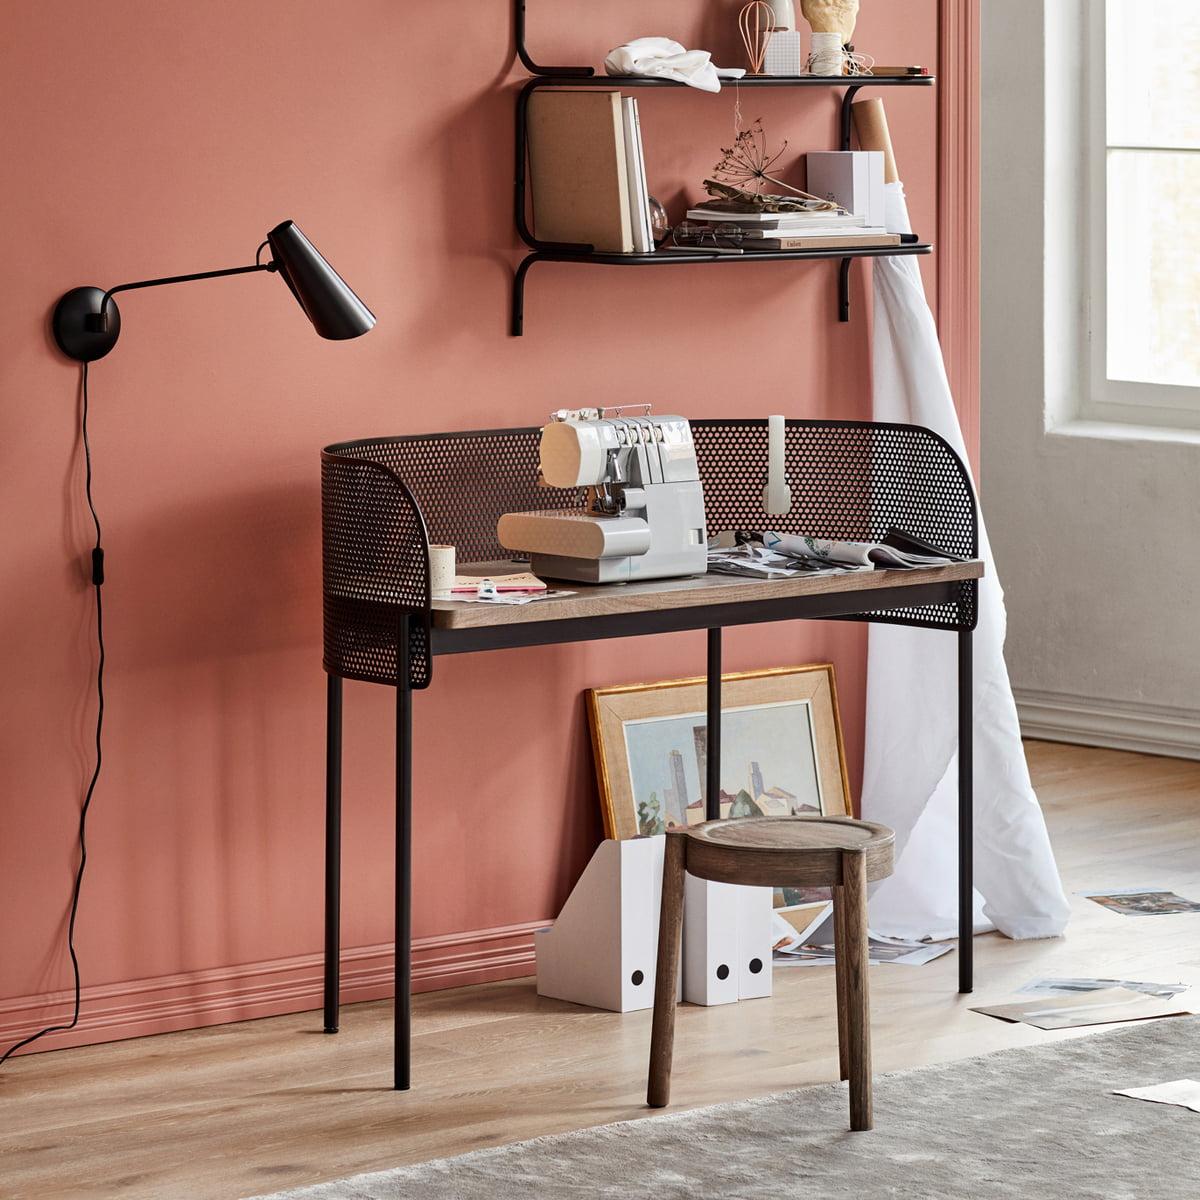 schreibtisch wandleuchte. Black Bedroom Furniture Sets. Home Design Ideas